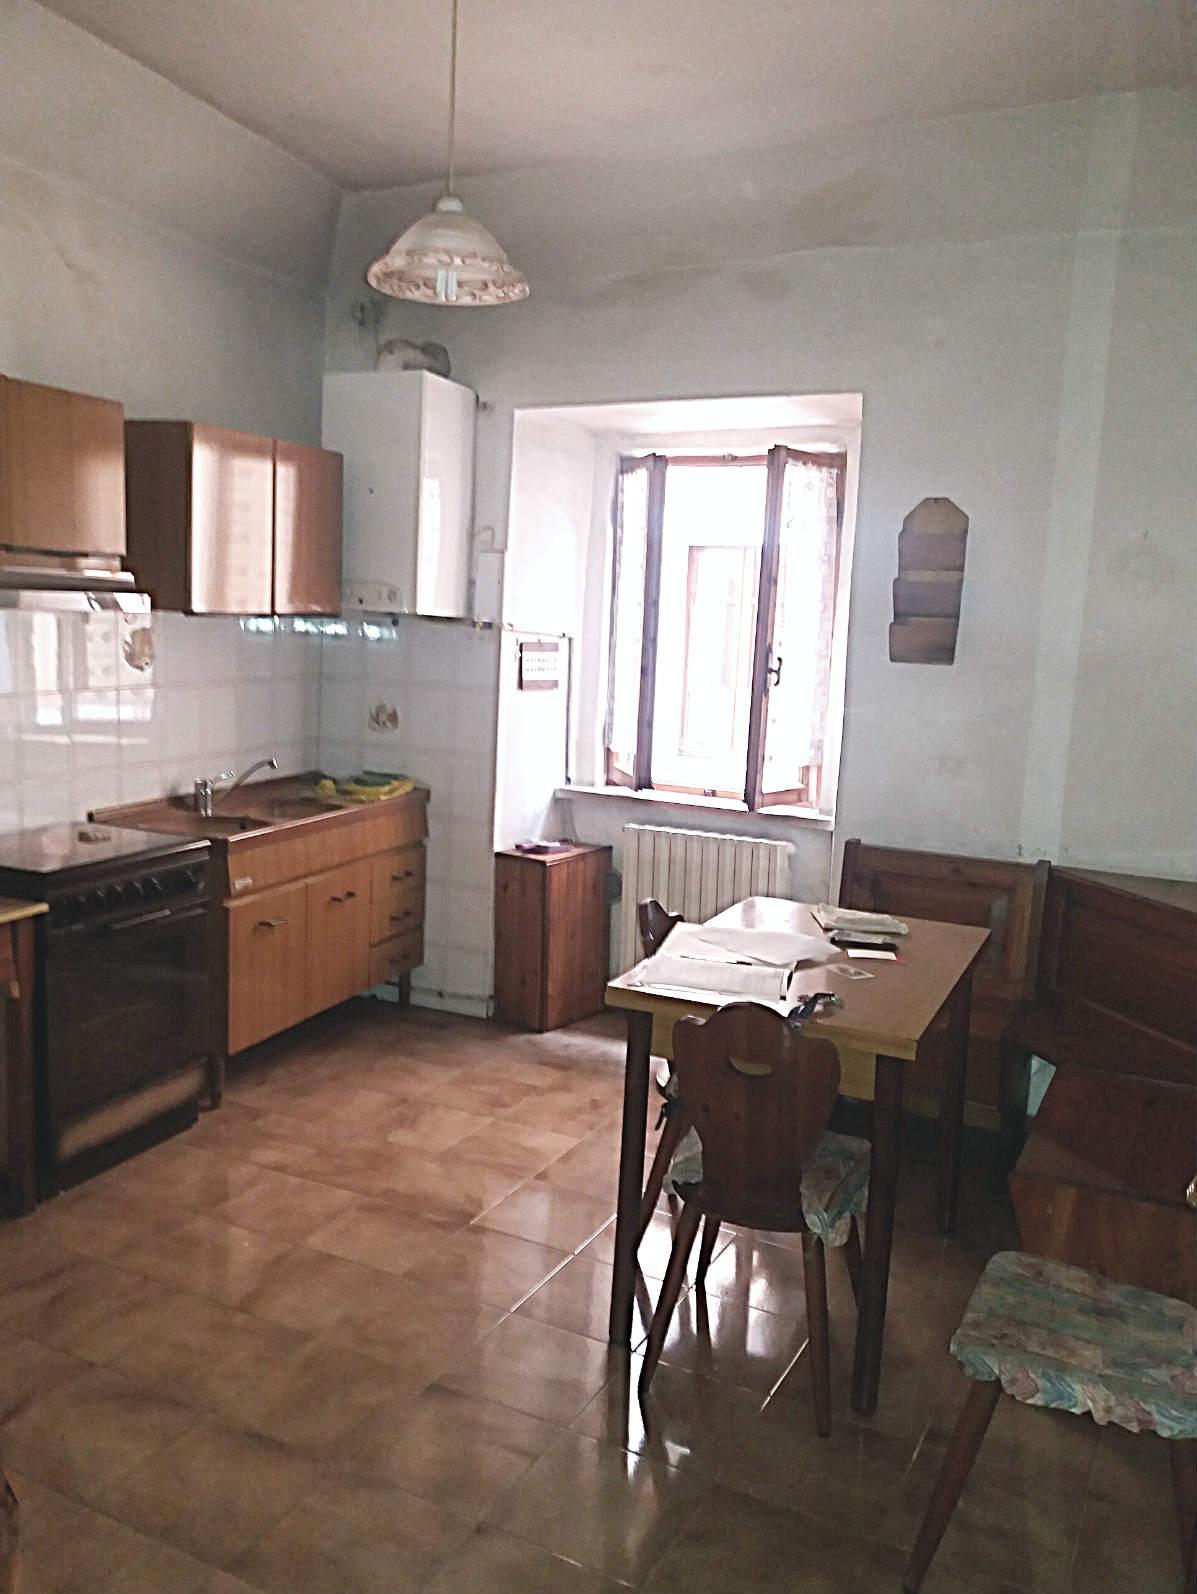 Rieti – Centro storico – Appartamento due camere (Rif. 1927)